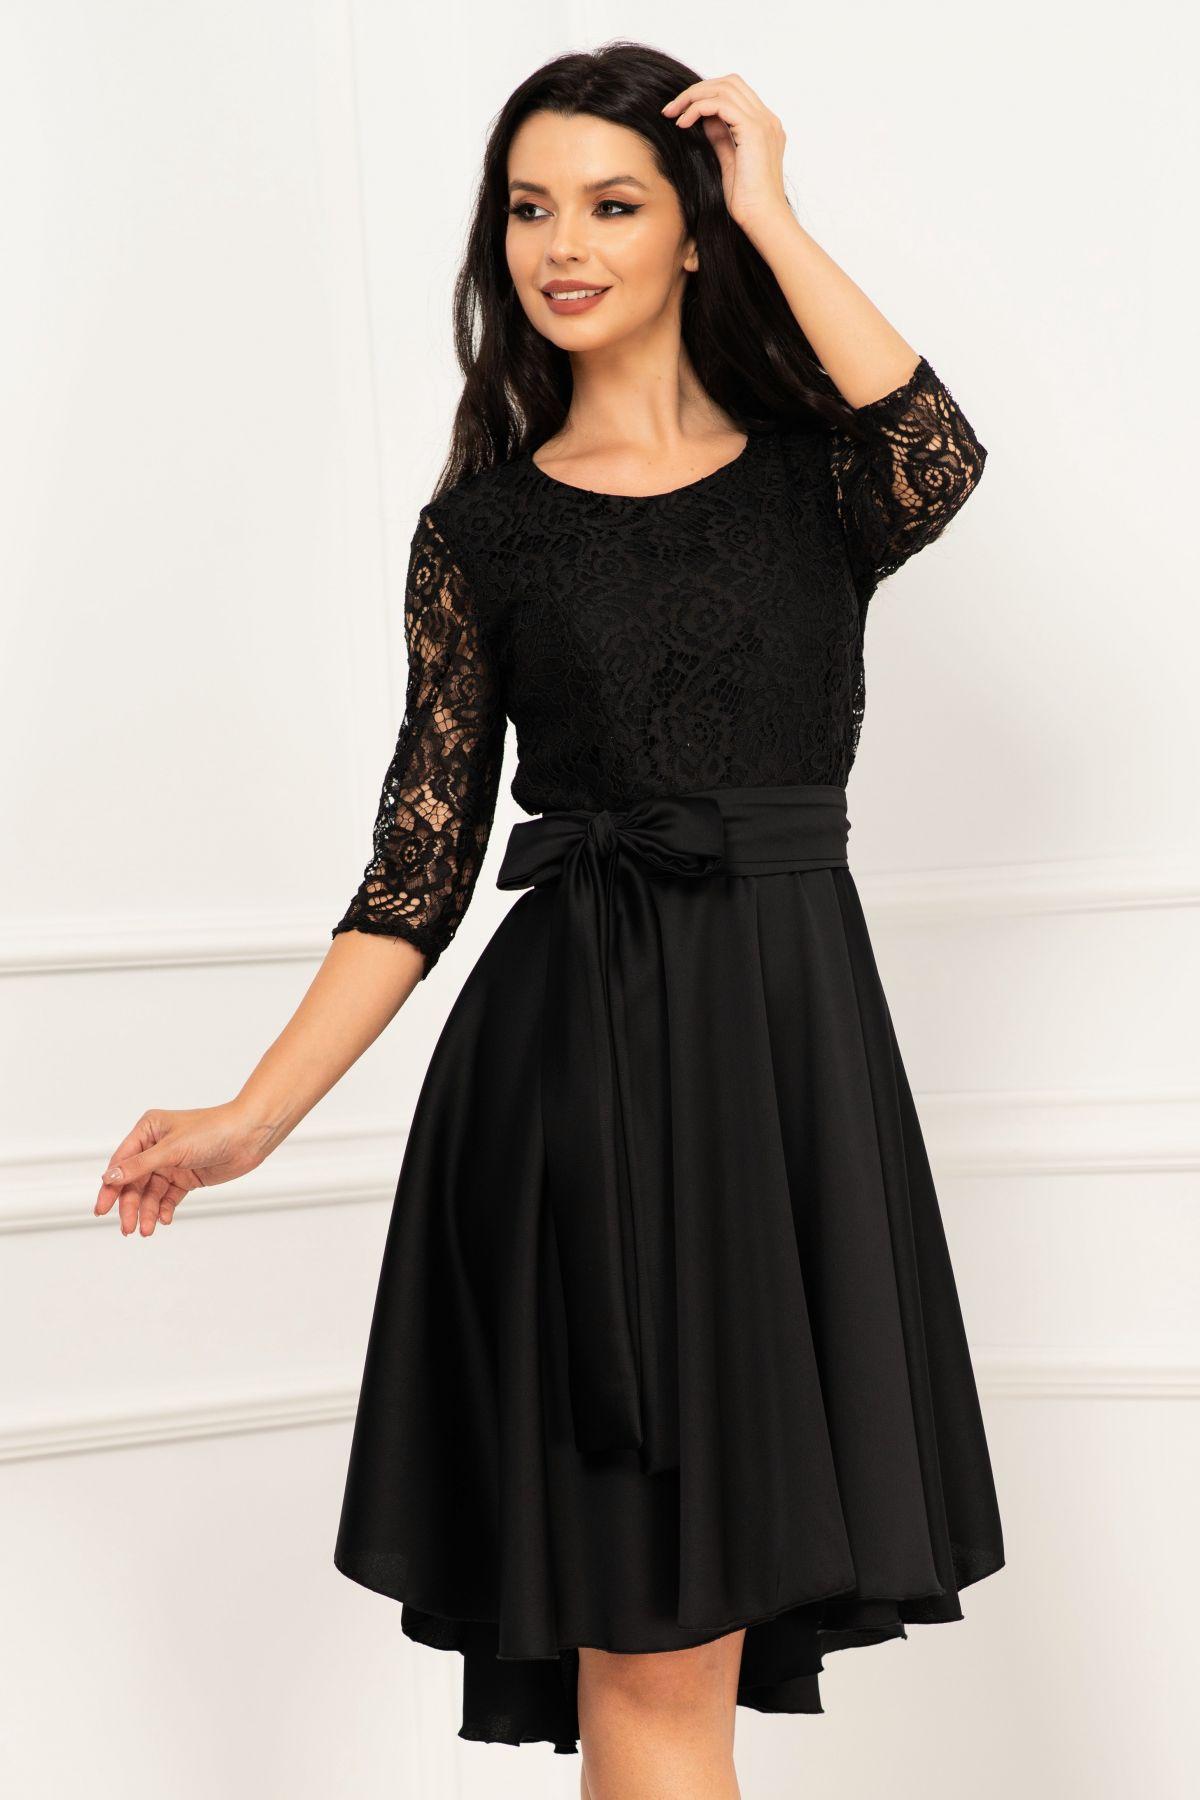 Rochie de ocazie neagra Paloma asimetrica cu dantela in partea de sus